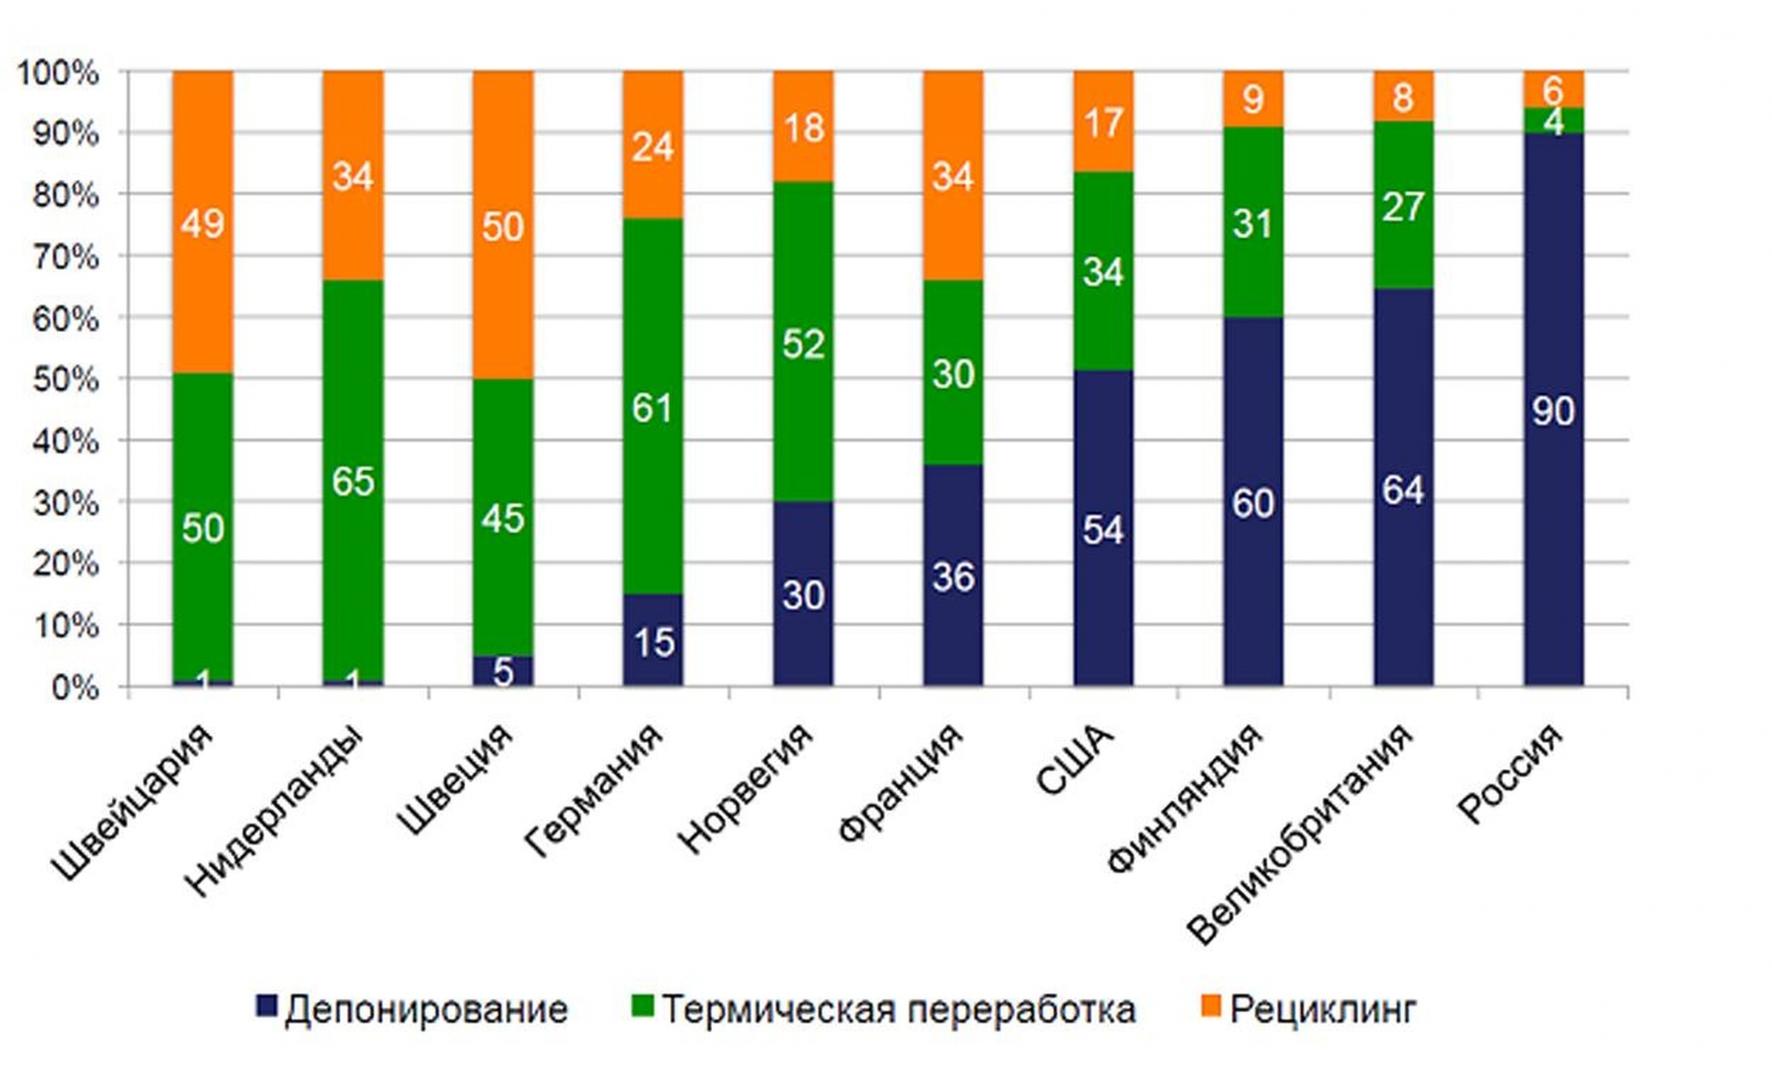 Рис. 1. Утилизация твердых отходов в странах Европы